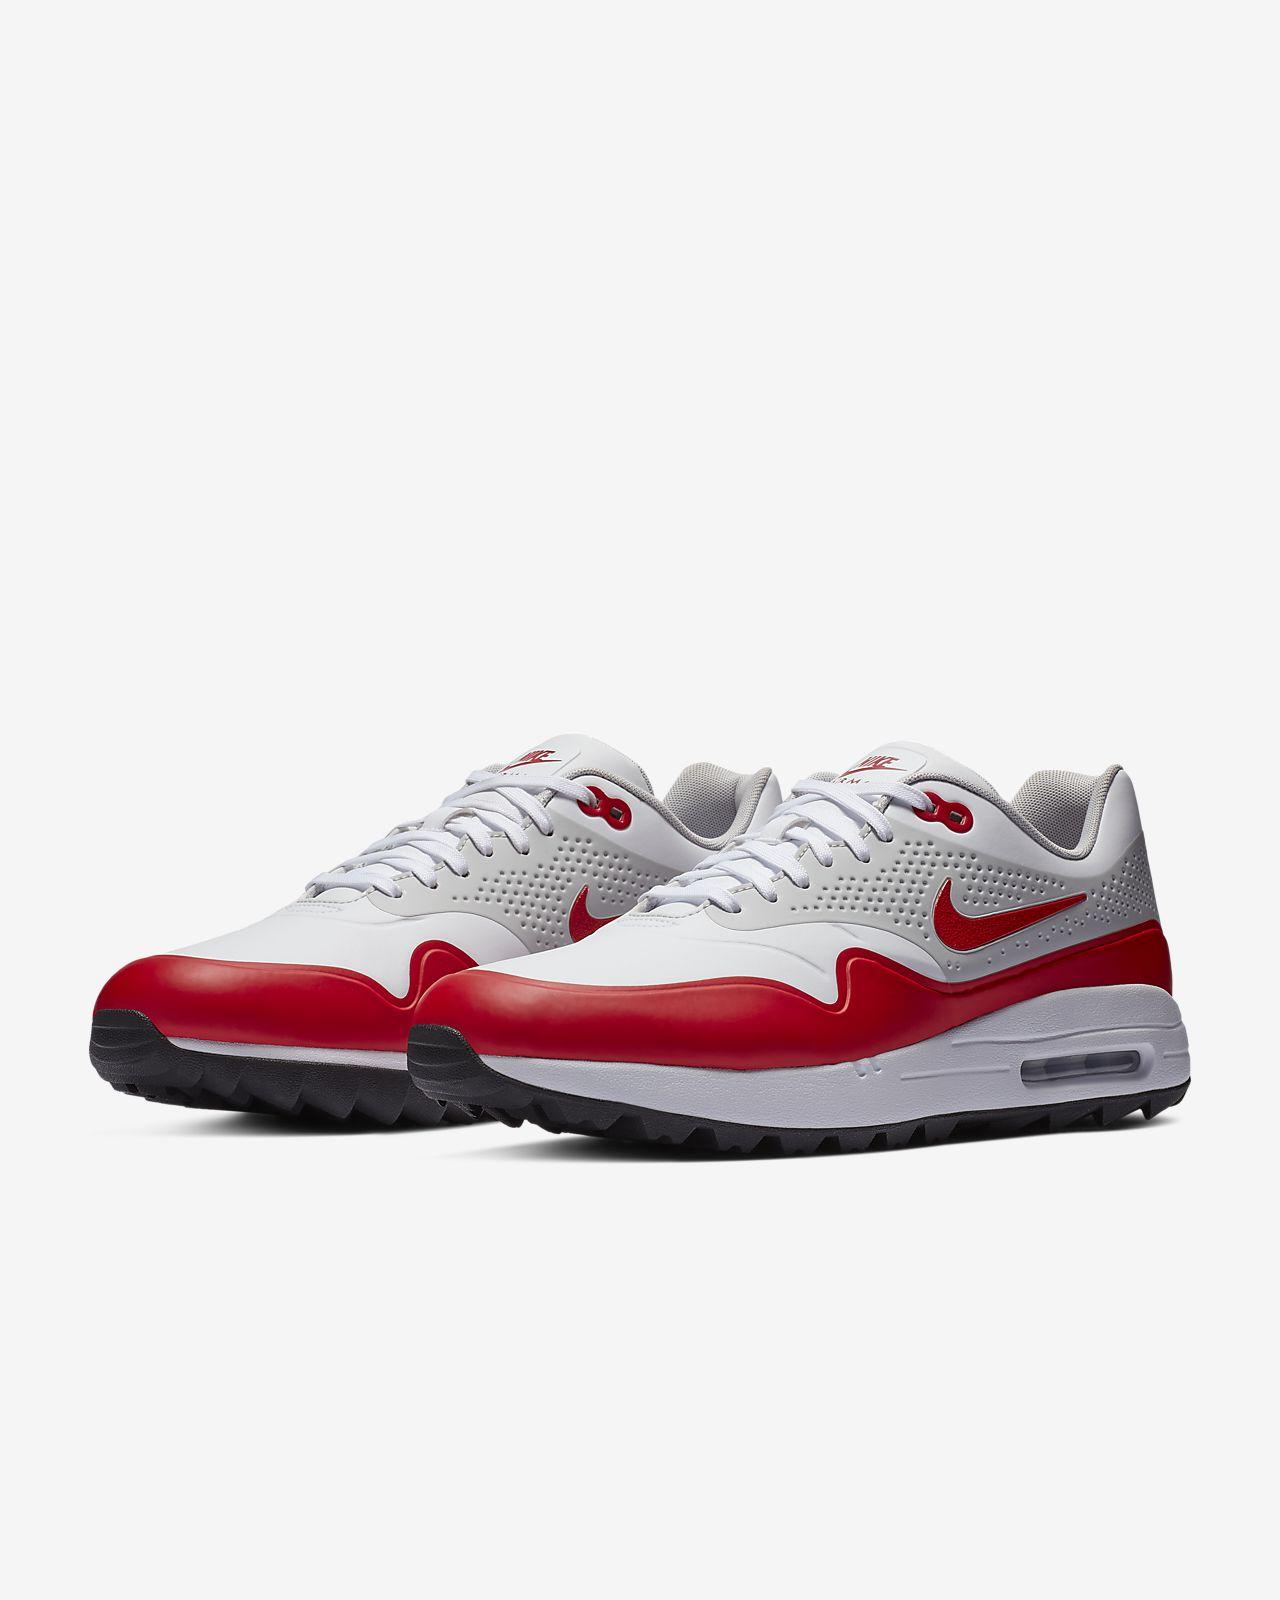 online retailer 7f75a 02ee4 ... Golfsko Nike Air Max 1 G för män